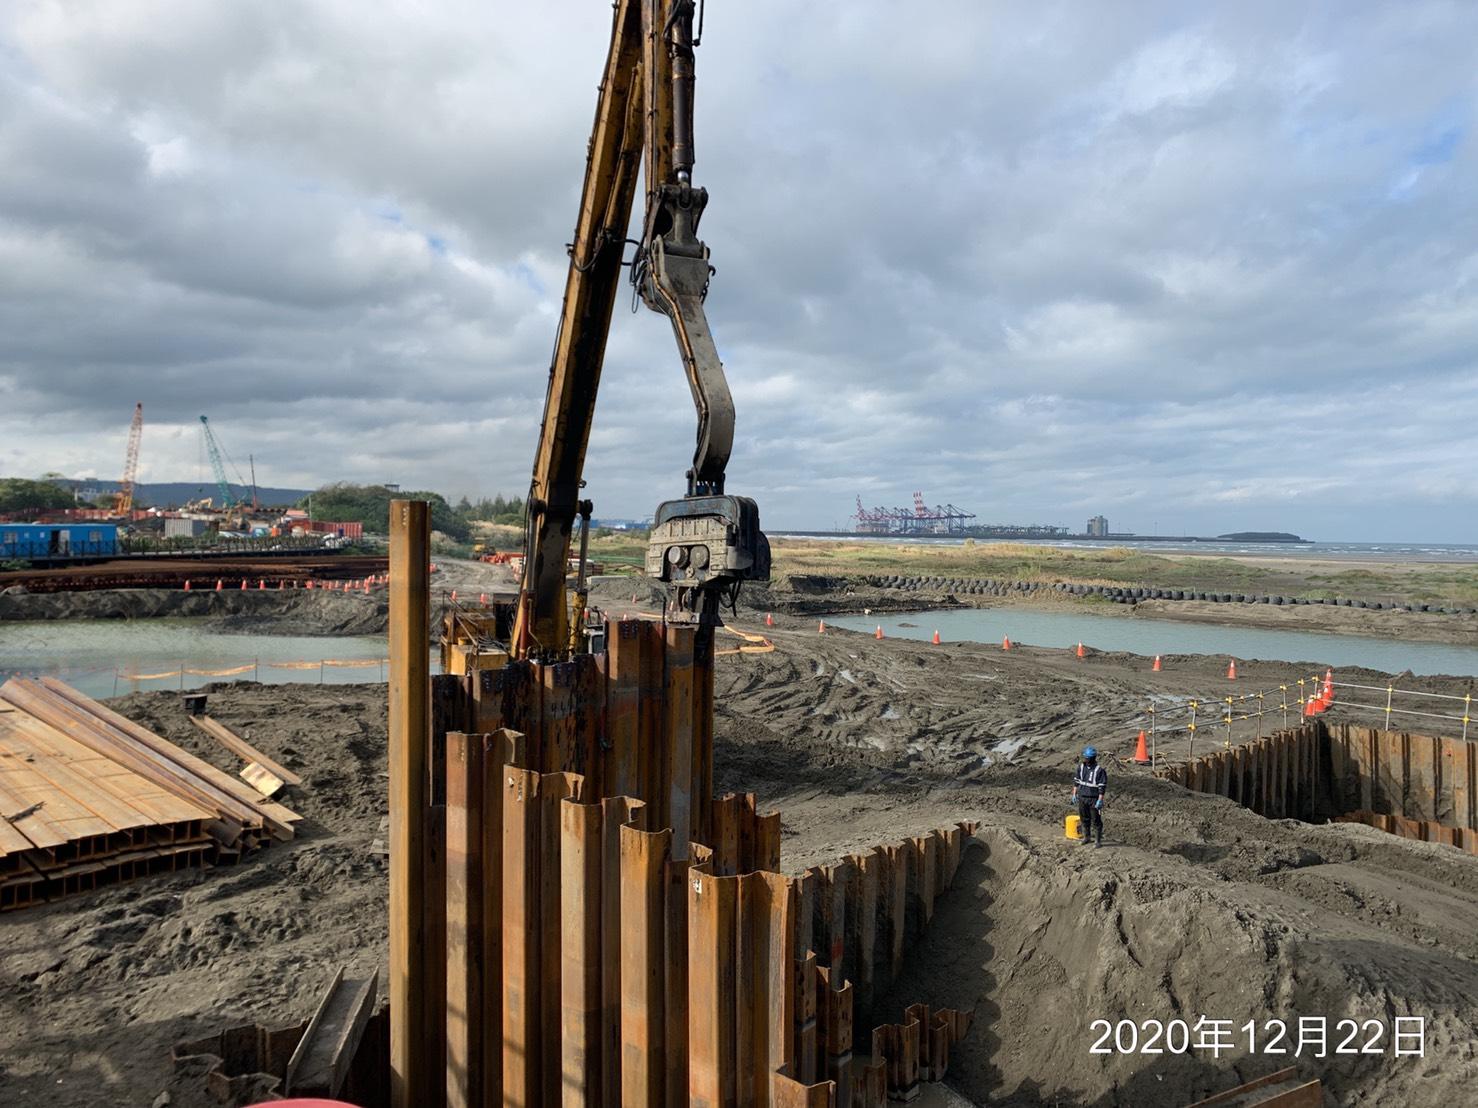 八里端P100 22M鋼板樁調整